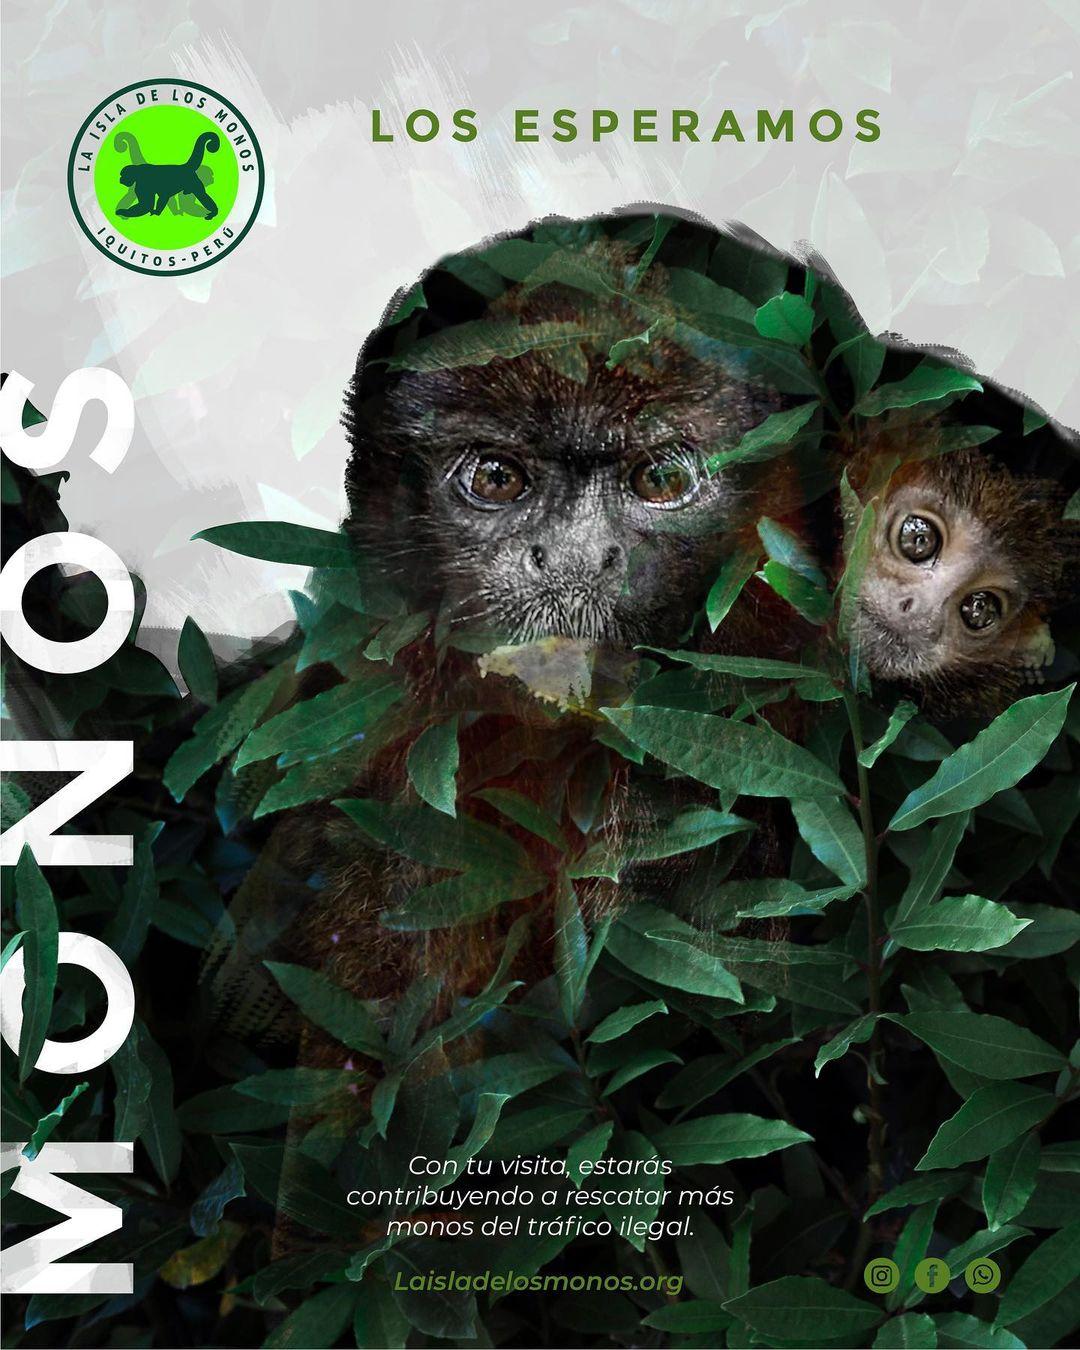 The Monkeys need your help